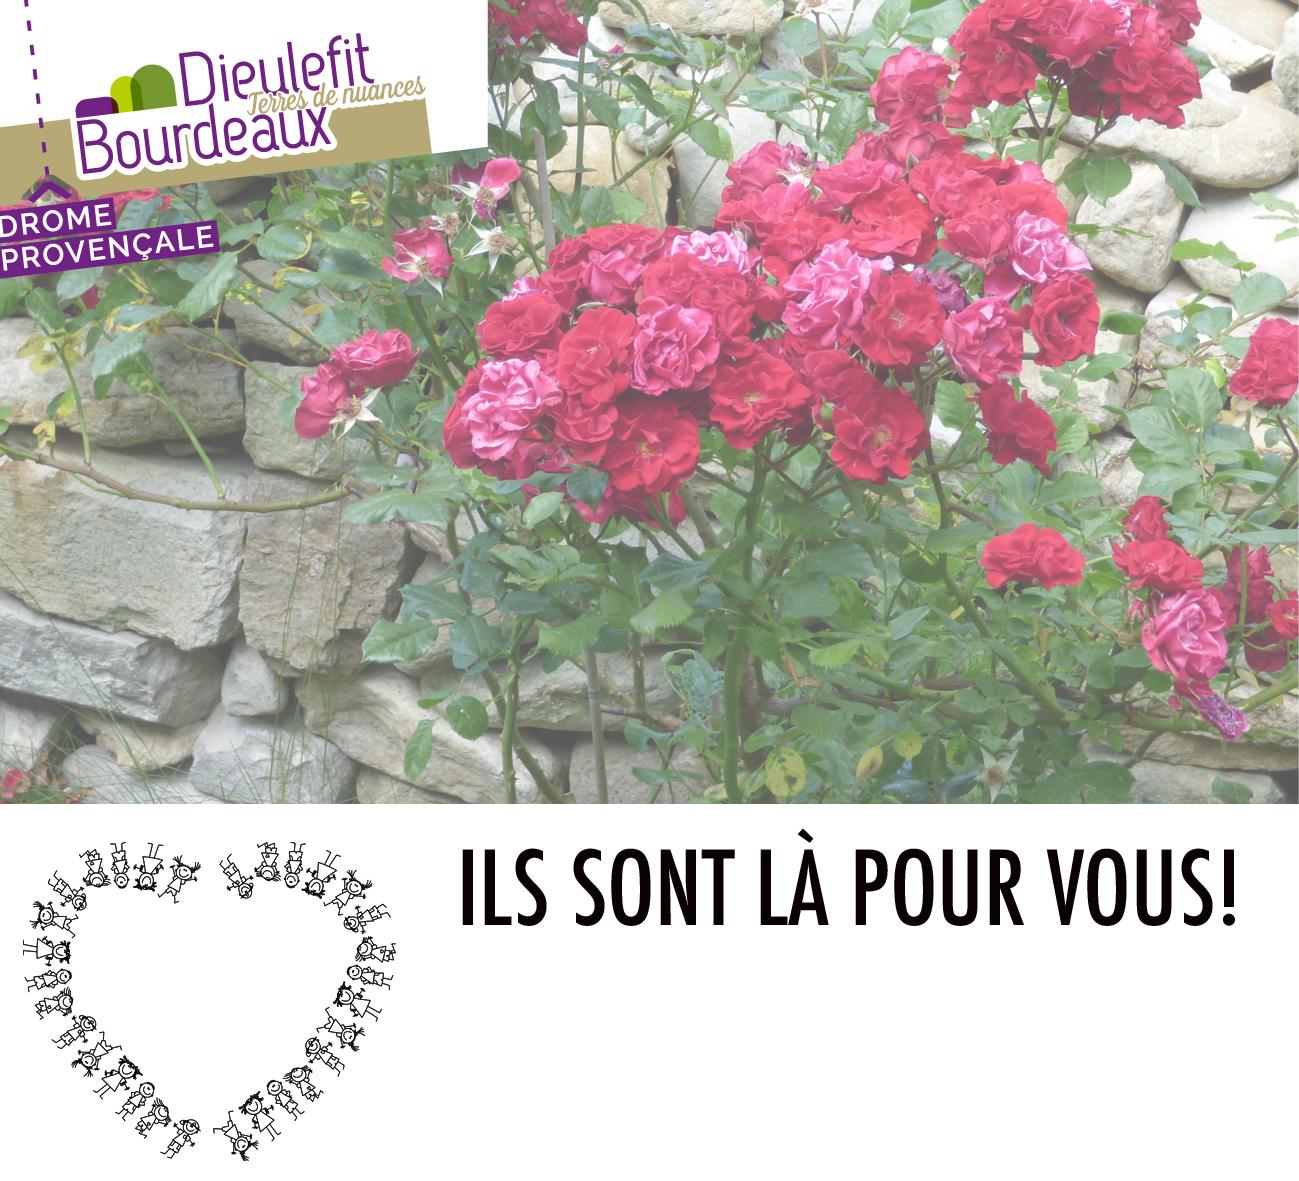 ILS SONT LÀ POUR VOUS! - soignants, commerçants, habitants du pays de Dieulefit - Bourdeaux